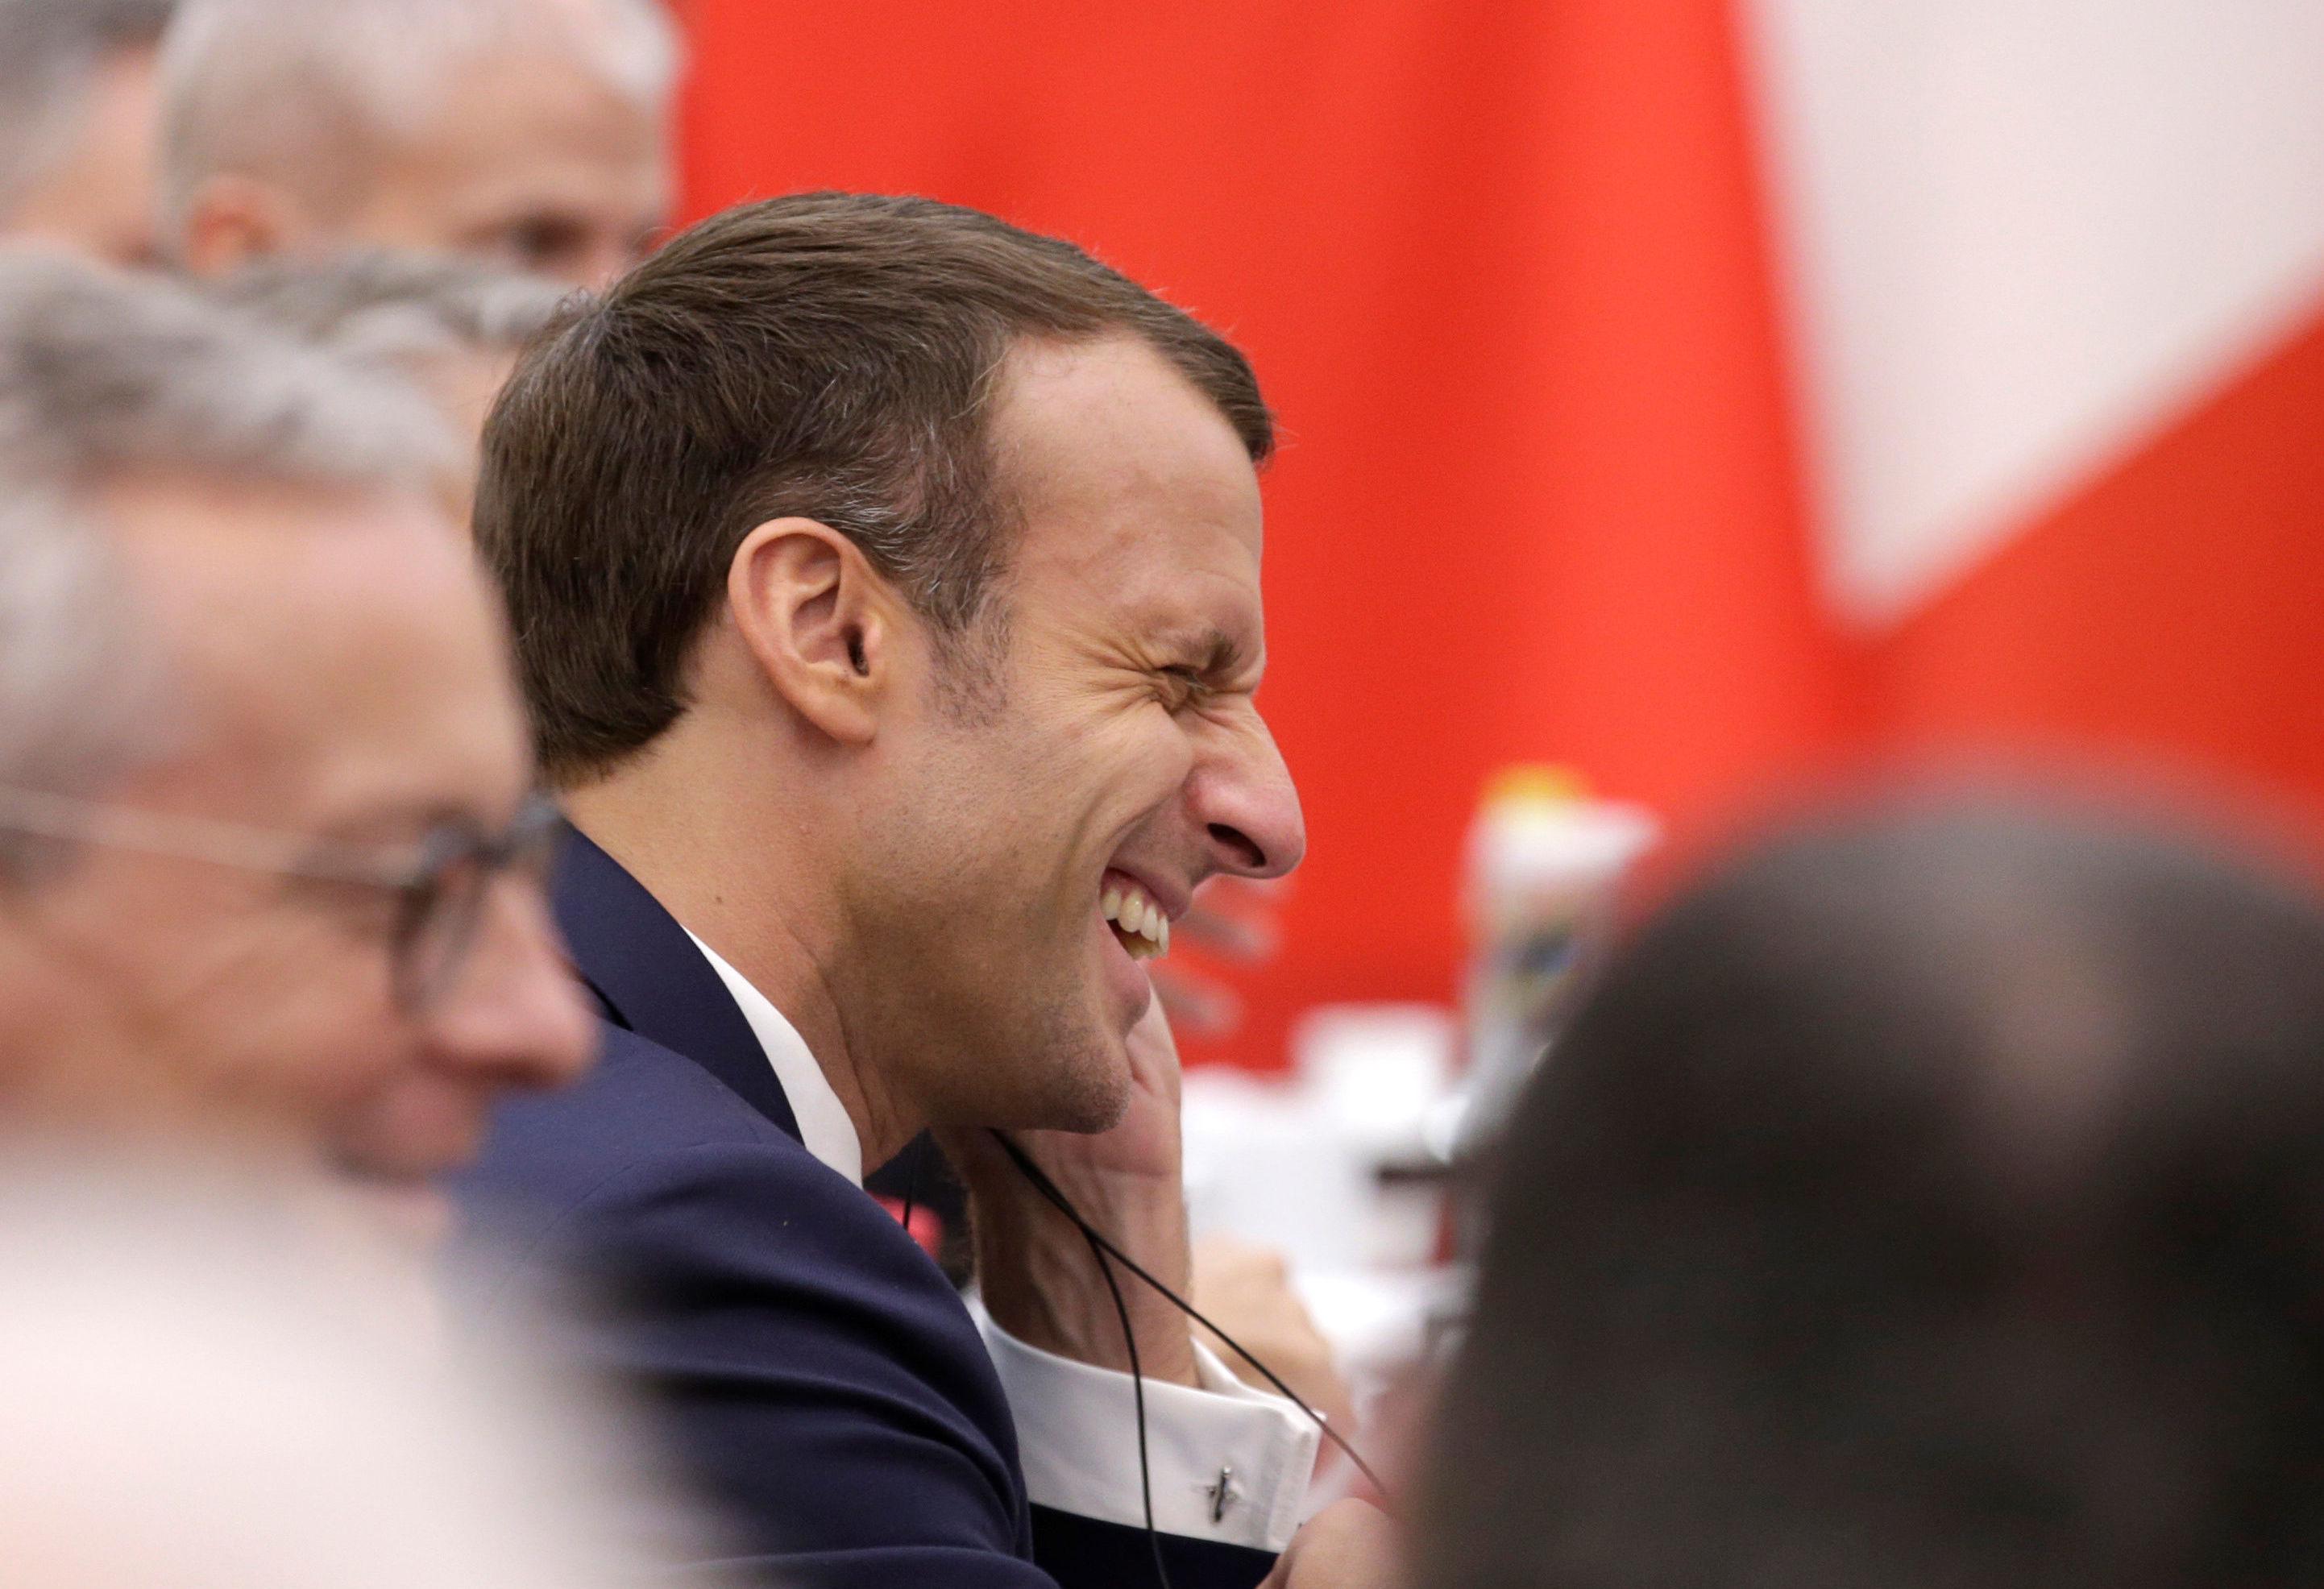 Presidente da França, Emmanuel Macron, reage durante reunião com o primeiro-ministro da China, Li Keqiang, em Pequim, no dia 6 de novembro de 2019